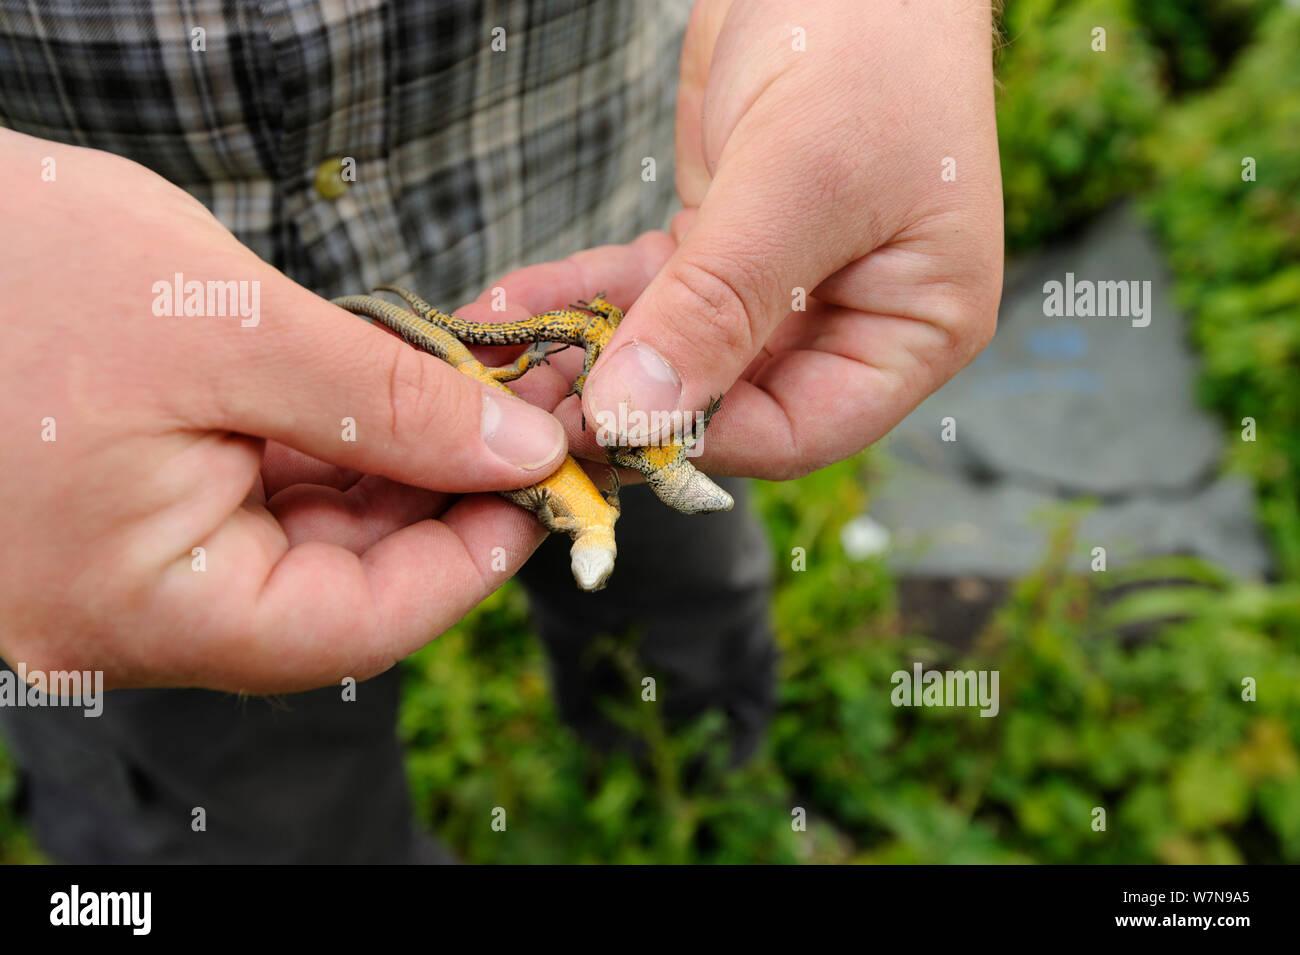 Gemeinsame Eidechsen (Zootoca/Lacerta vivipara) von brachfläche für Entwicklung als Teil der Minderung Projekt geplant von Ökologen Brett Lewis entfernt werden. Mann auf der rechten Seite mit mehr Spotting. Kent, Großbritannien, Juni 2012. Stockfoto